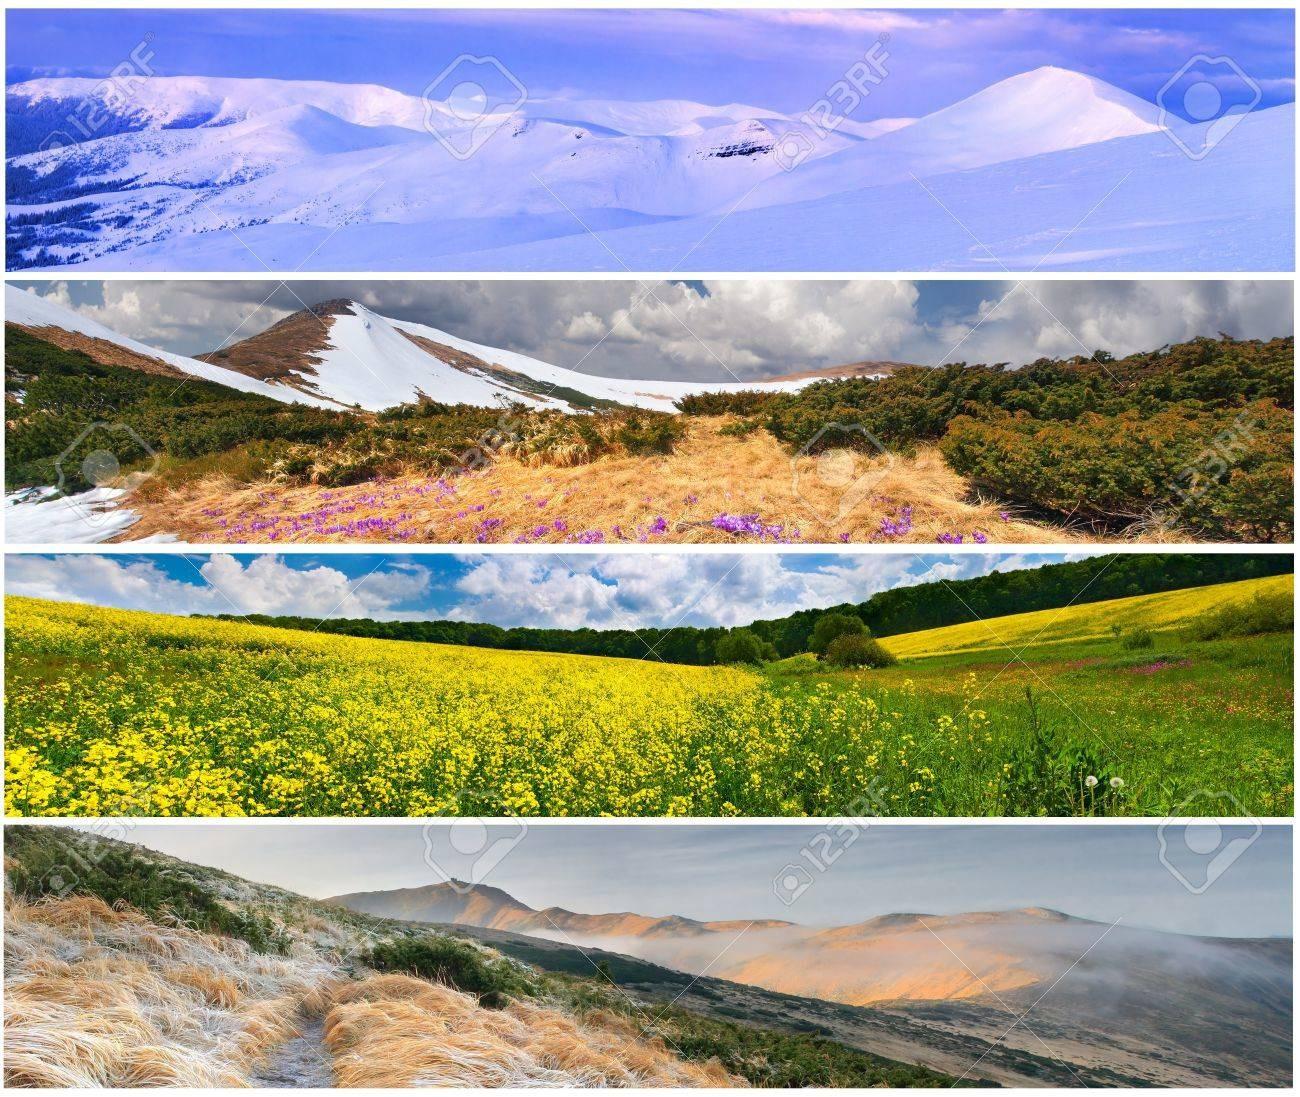 Quel paysage es-tu ?